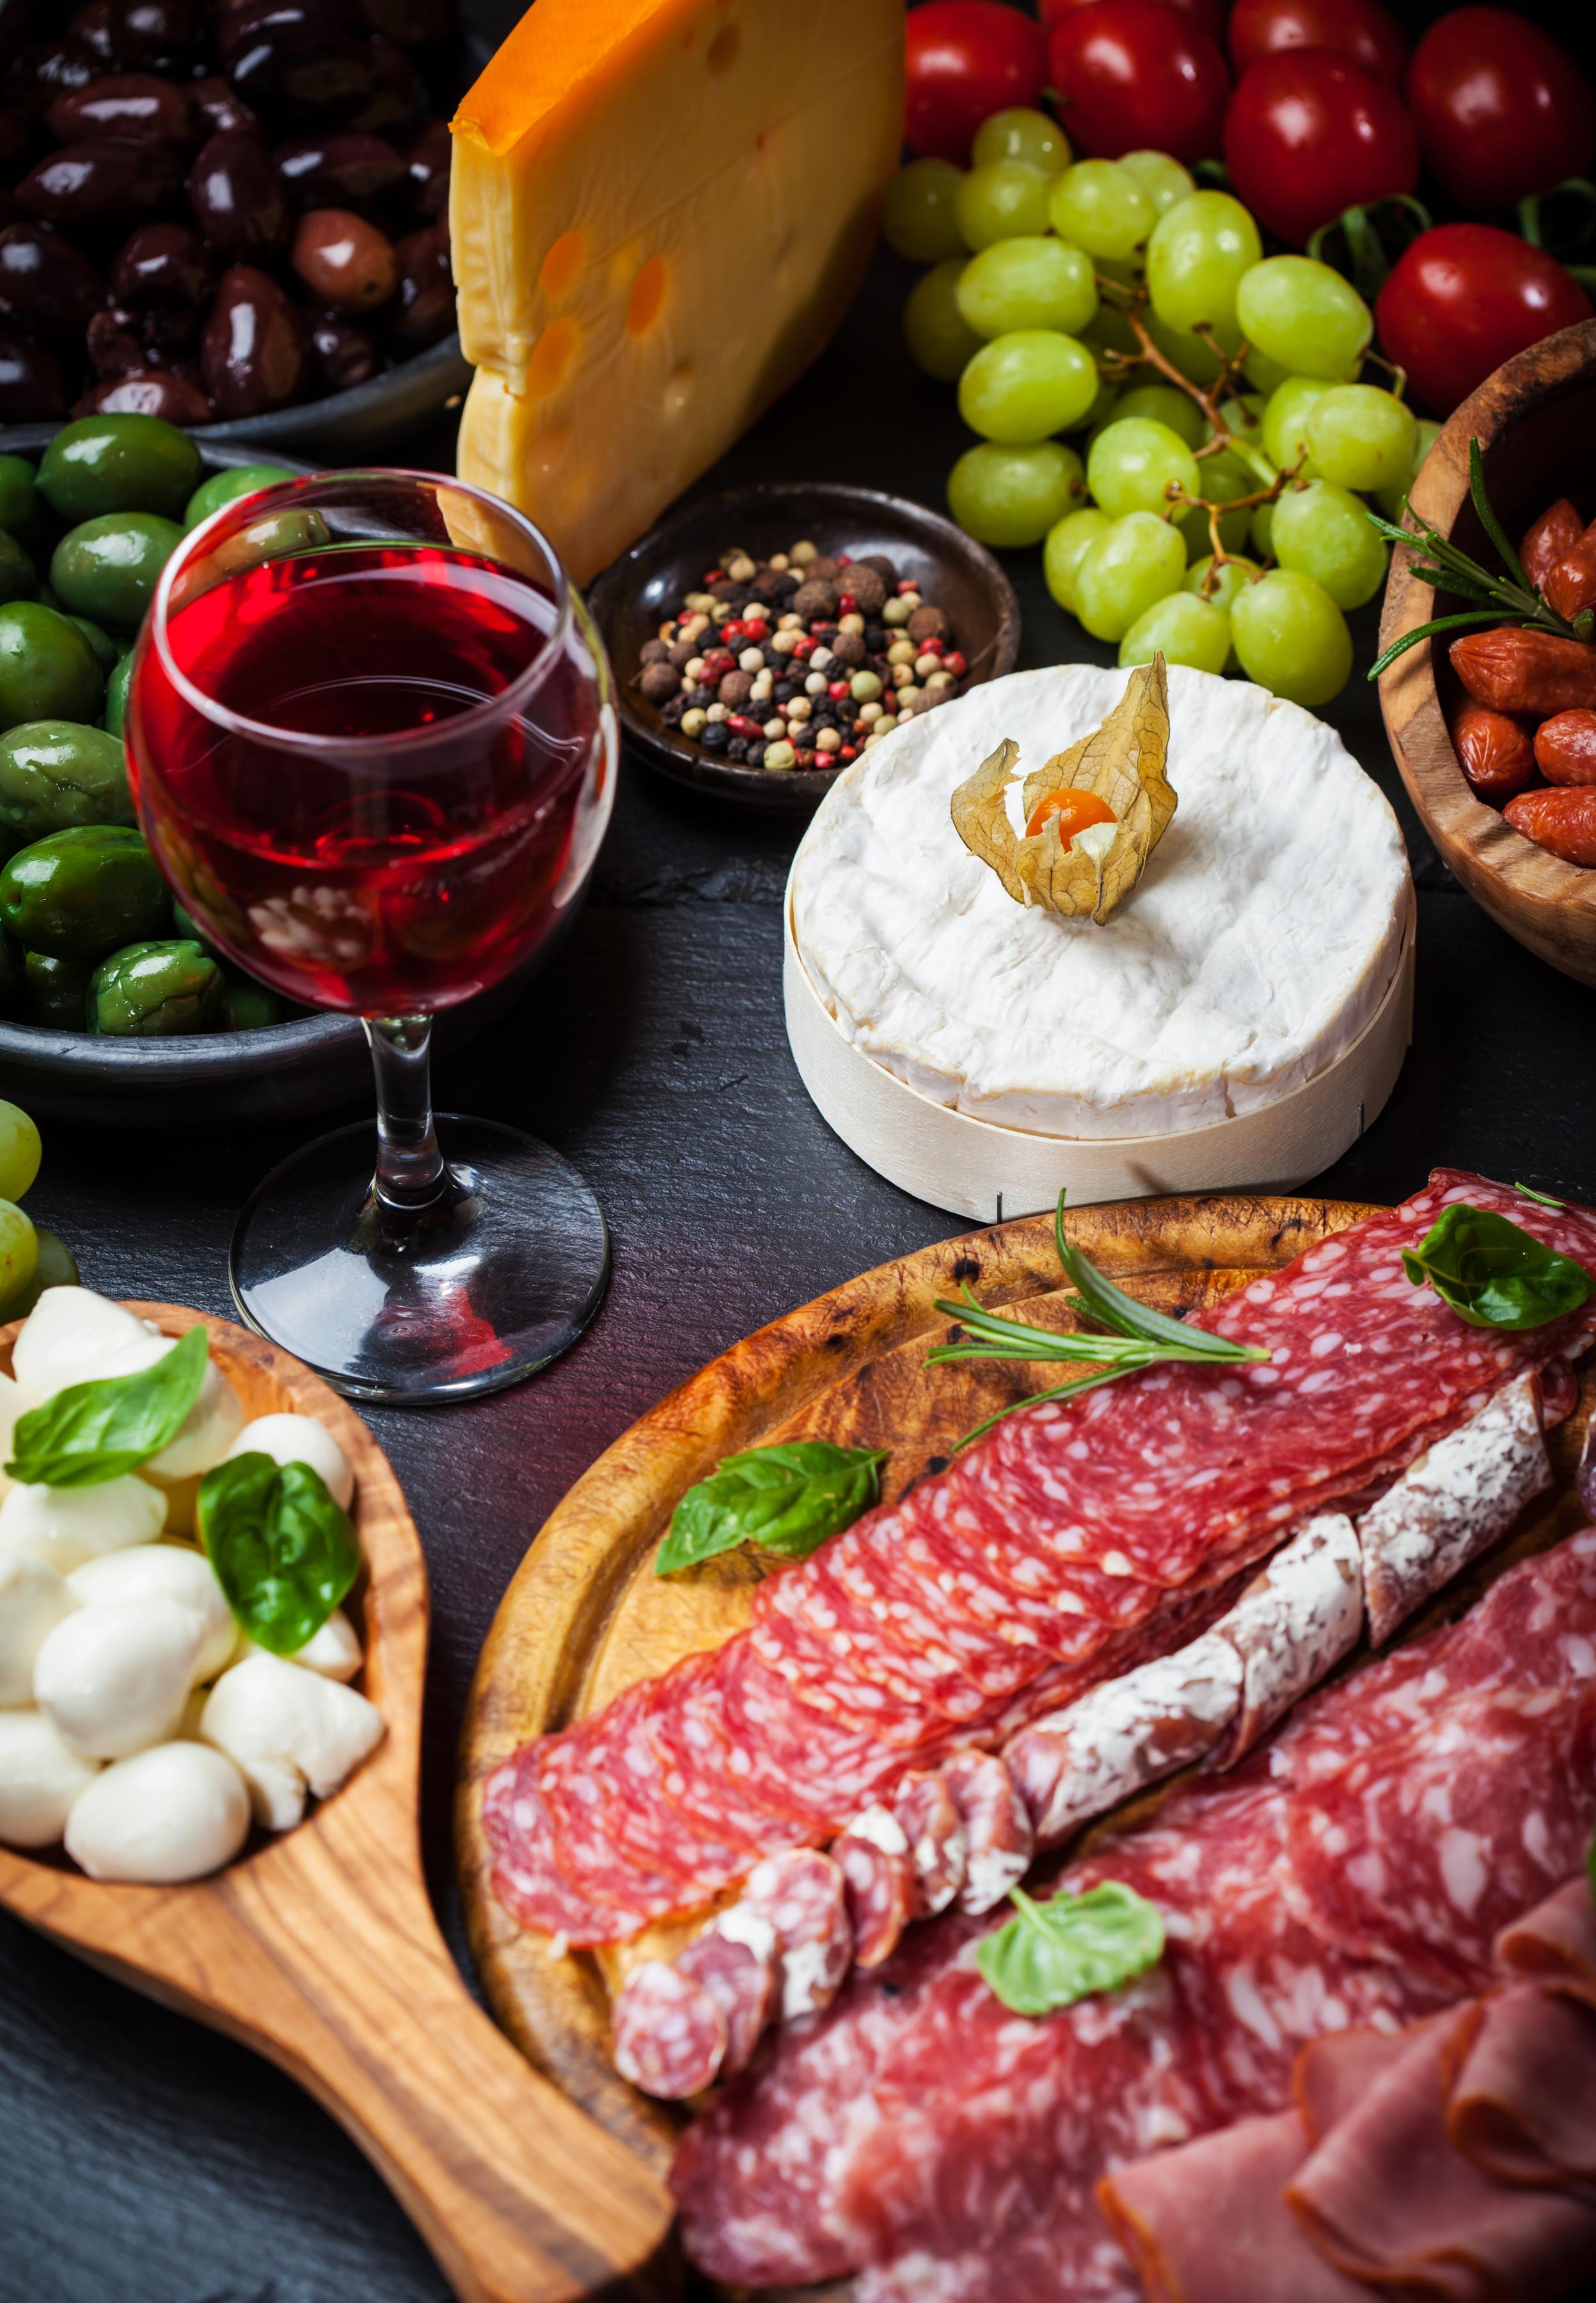 Картинка Вино Колбаса Сыры бокал Продукты питания Нарезанные продукты Еда Пища Бокалы нарезка